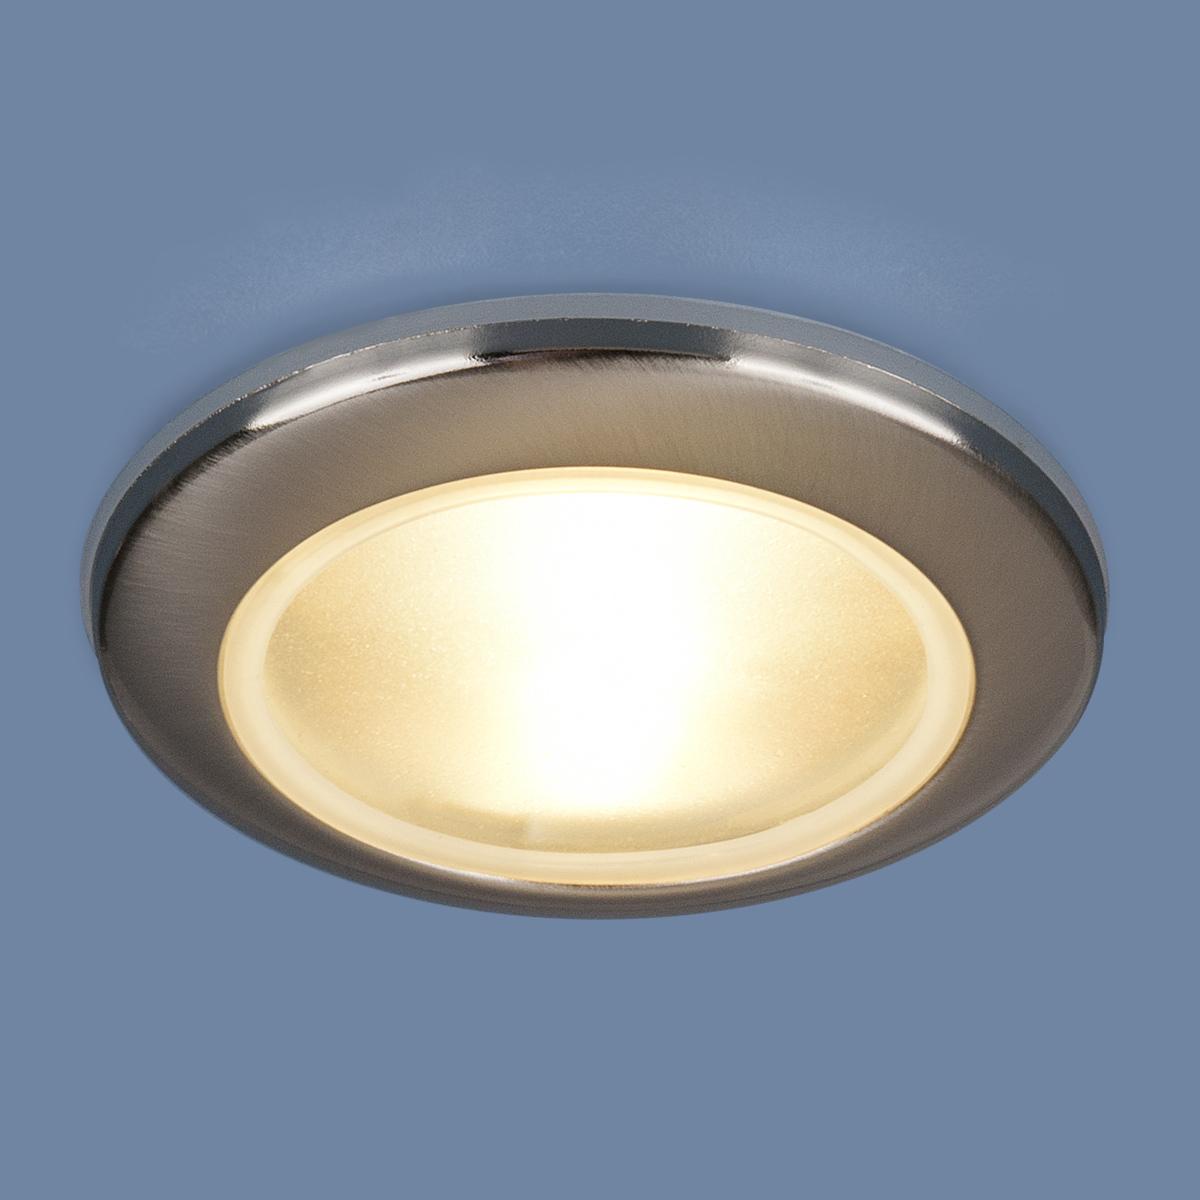 Встраиваемый светильник Elektrostandard Влагозащищенный точечный 1080 MR16 CH, G5.3 эра c0043804 st3 ch mr16 12v 220v 50w хром